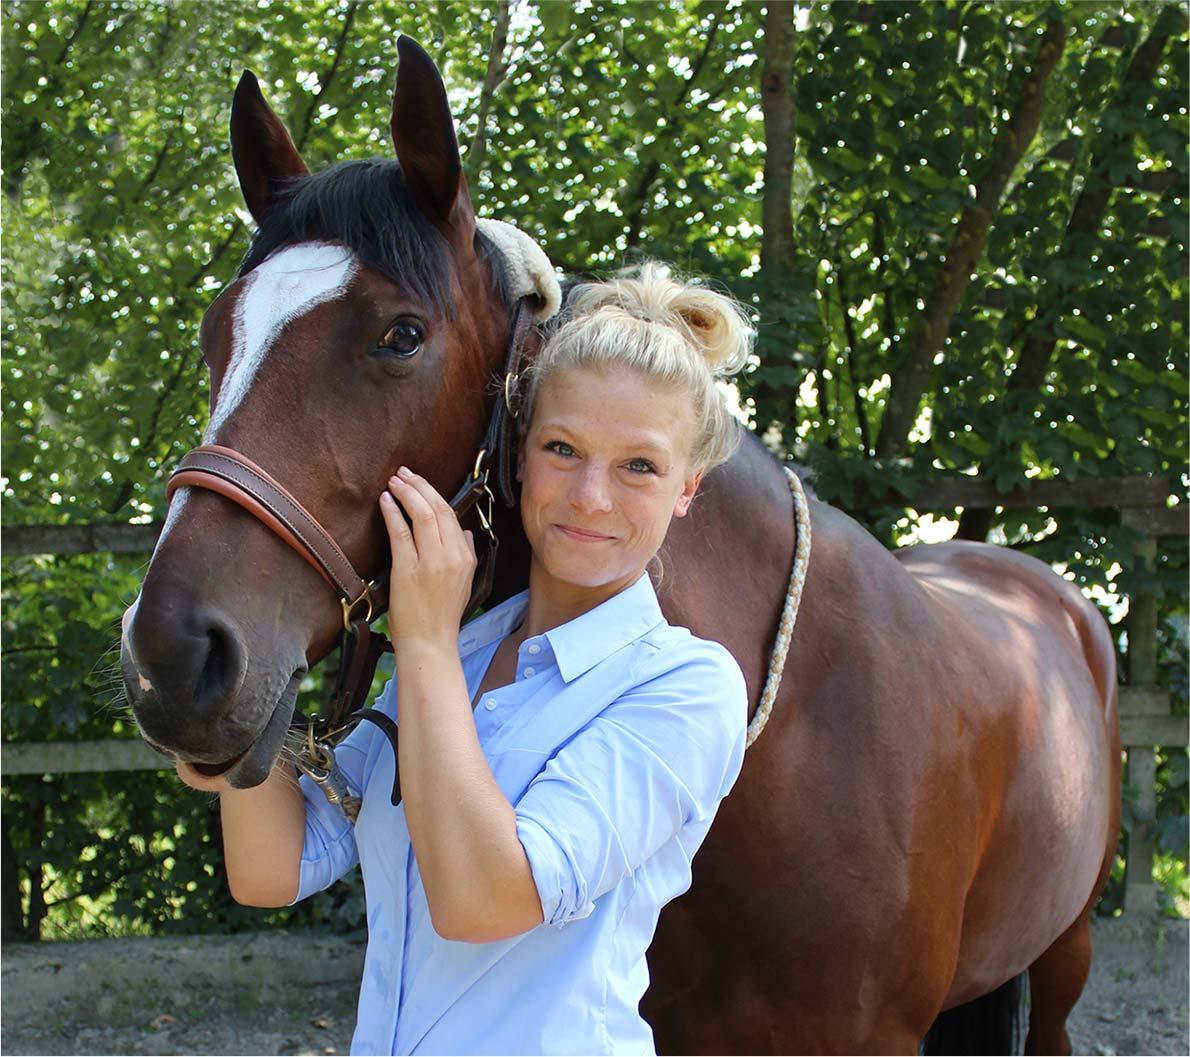 Leonie Seewald, Osteopathie für Pferde, Pferdeosteopathie Berlin/Brandenburg, Pferdeosteopathin